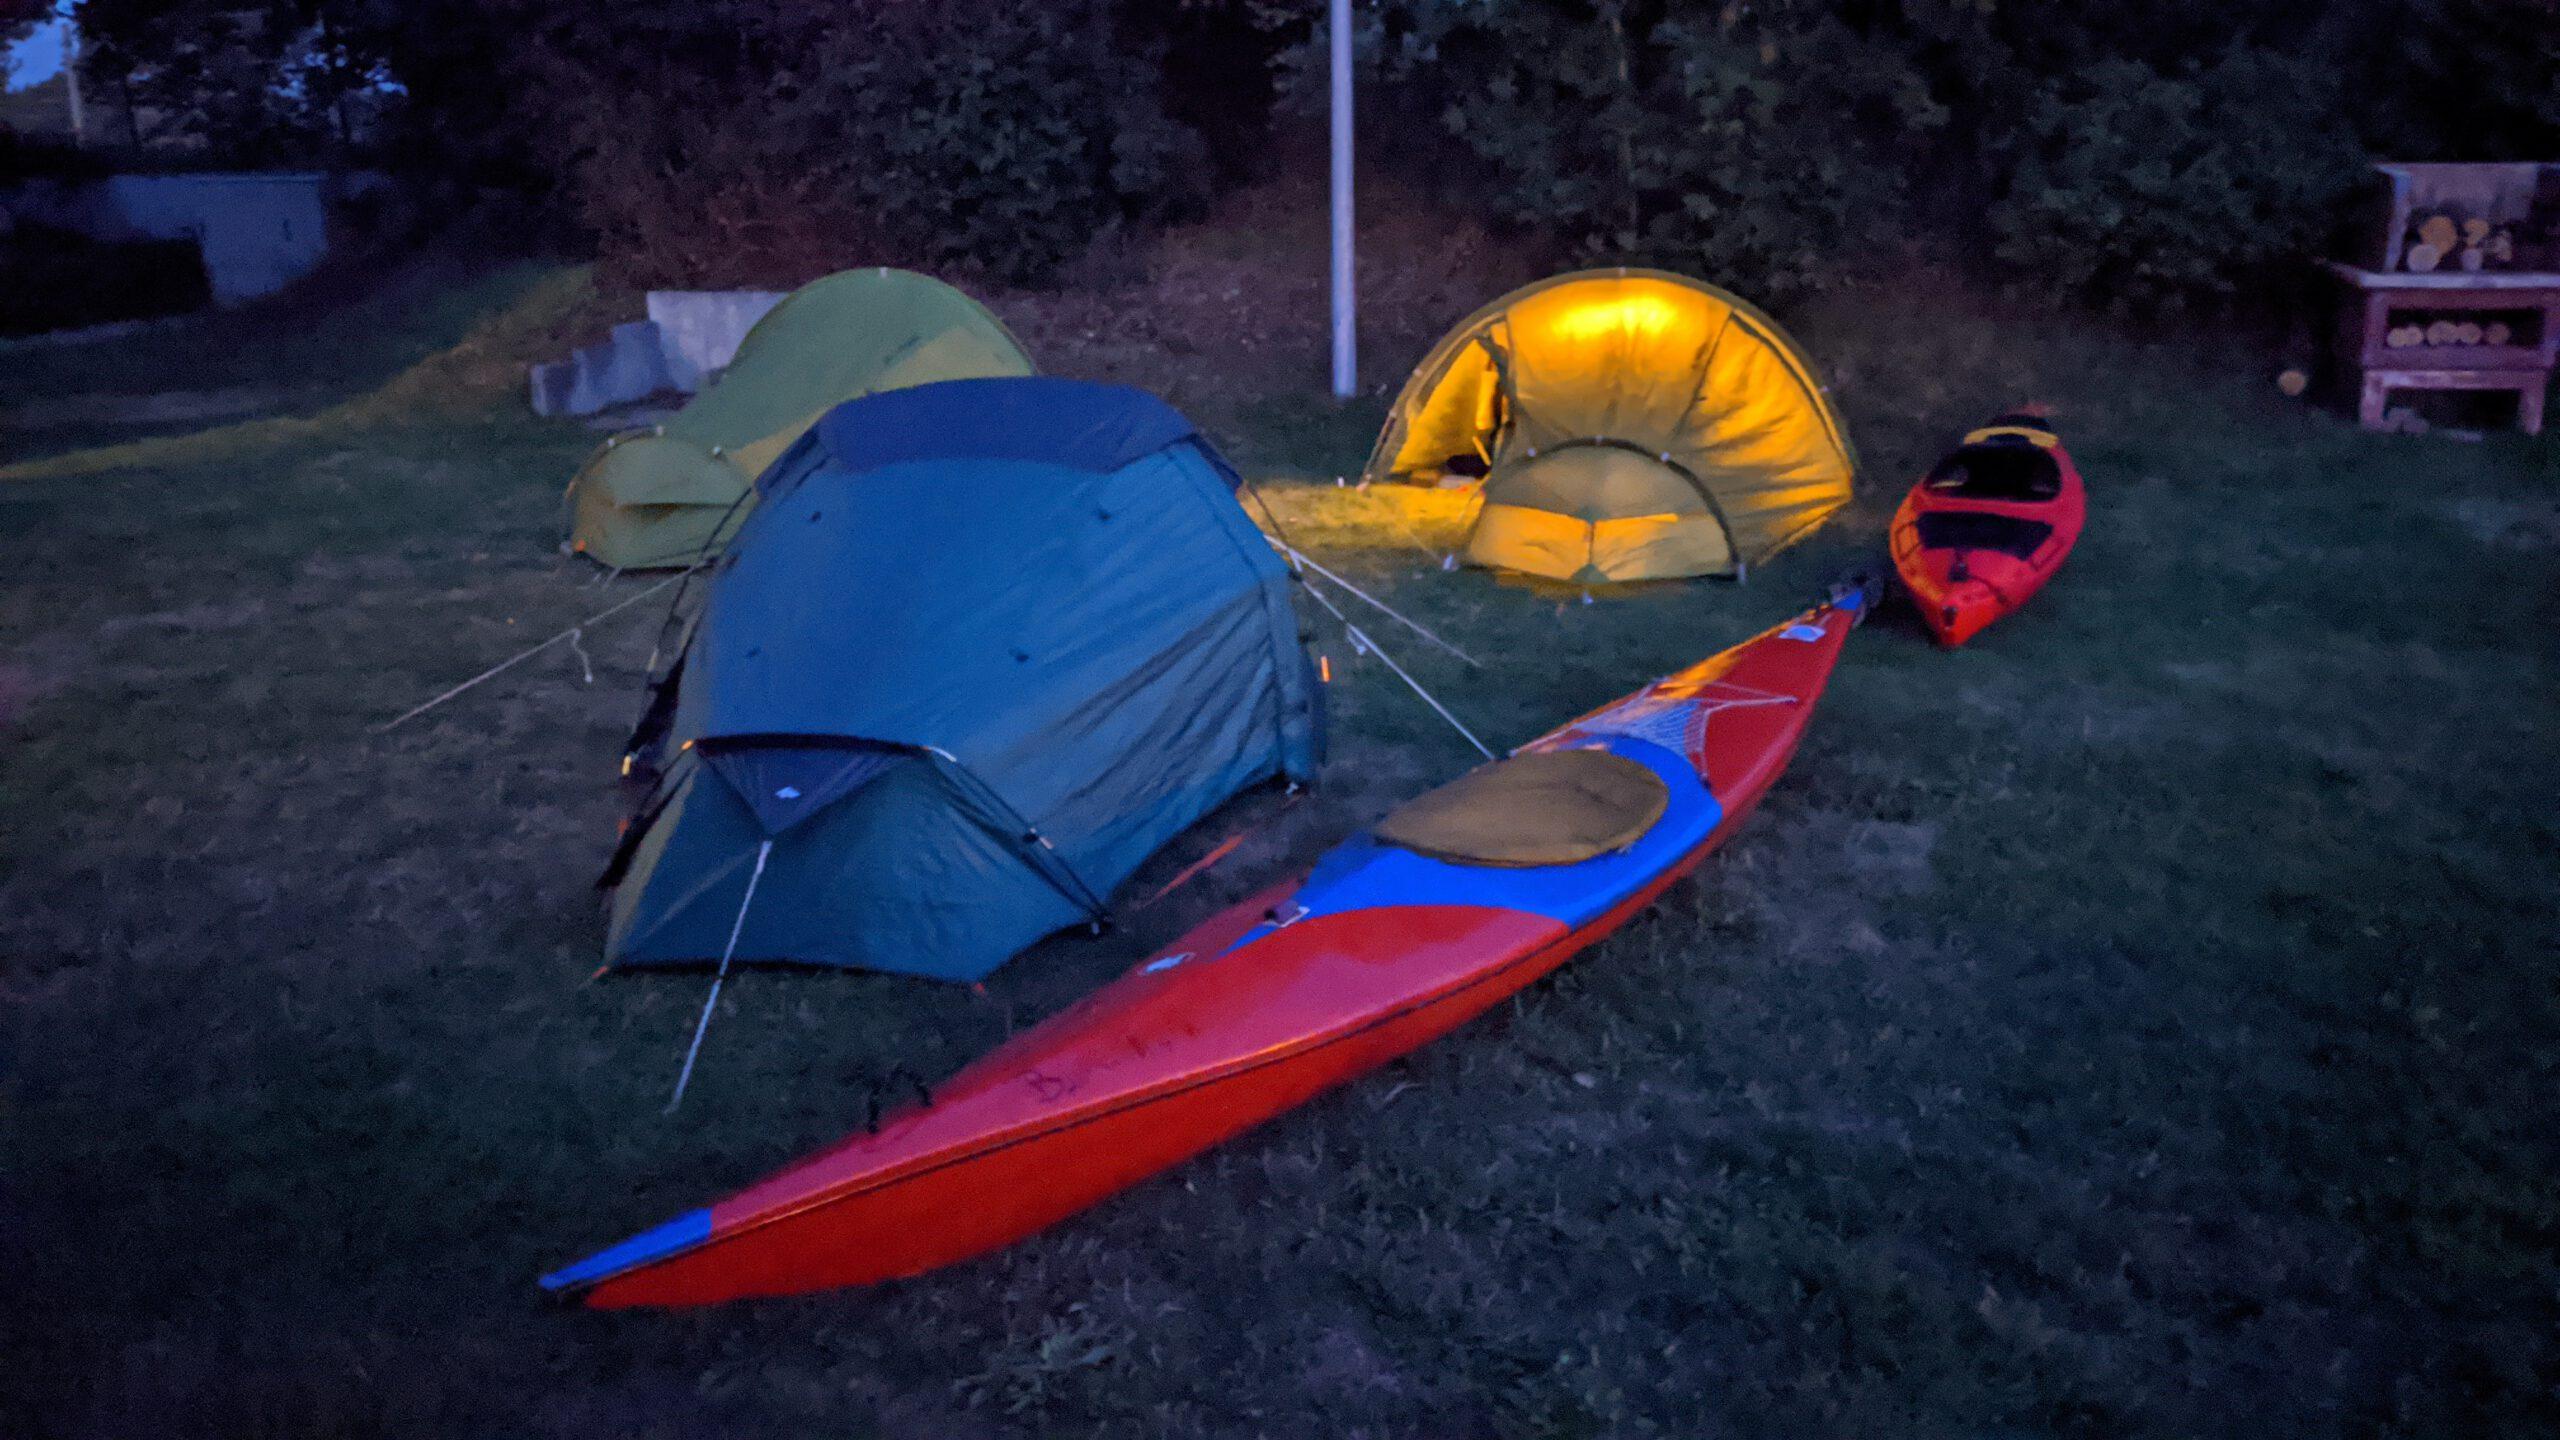 Nachtlager am Bootshaus der Kanufreunde Emshaie Greven e.V.